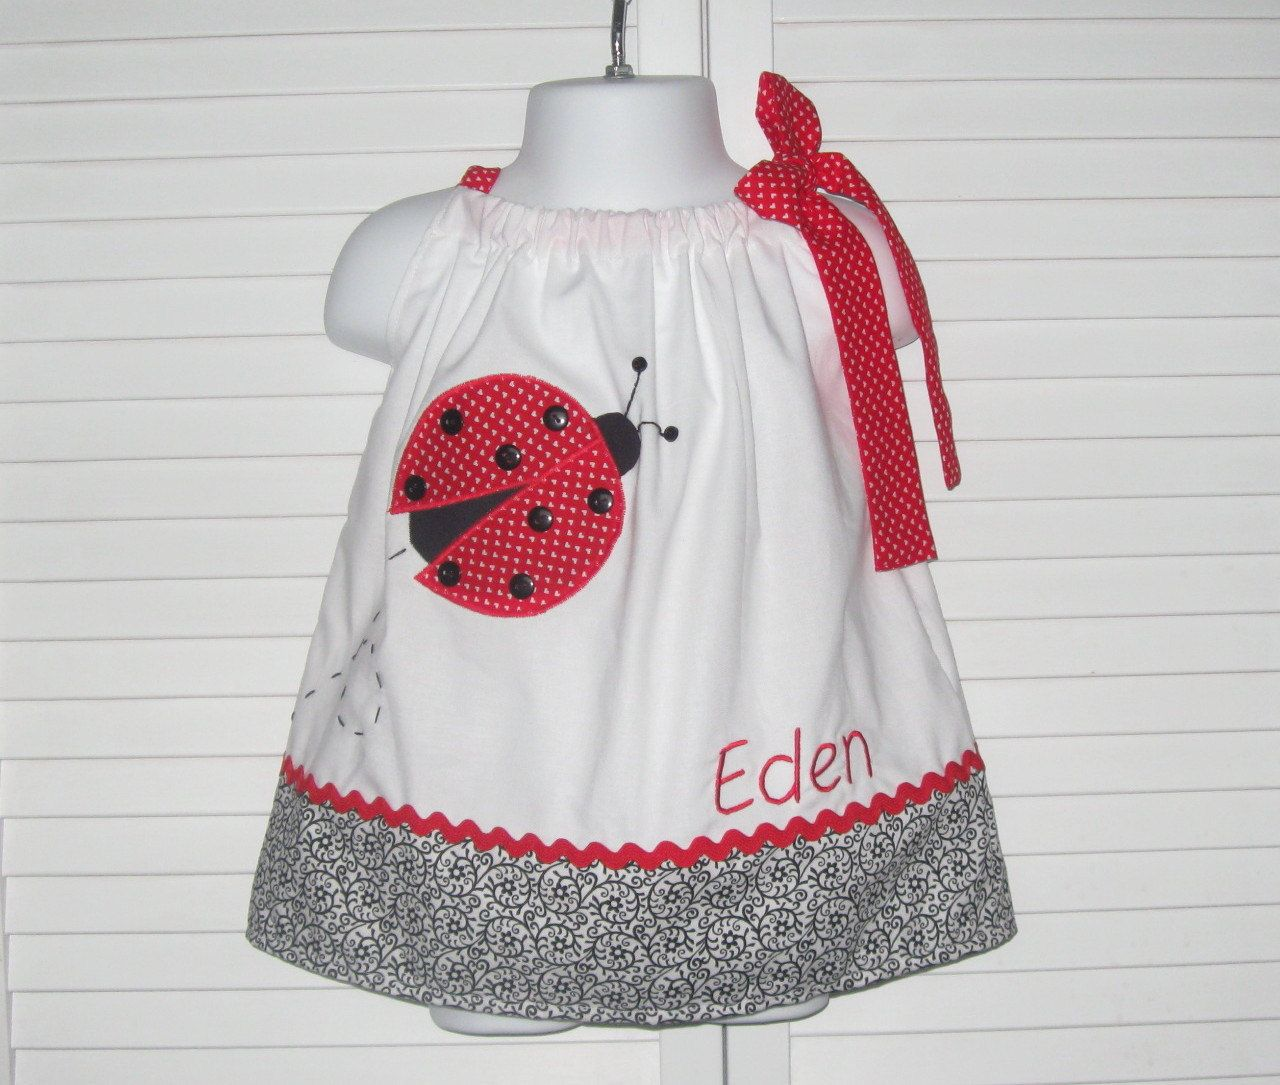 Personalized Ladybug Pillowcase Dress size 6 mo to girls size 6 ...